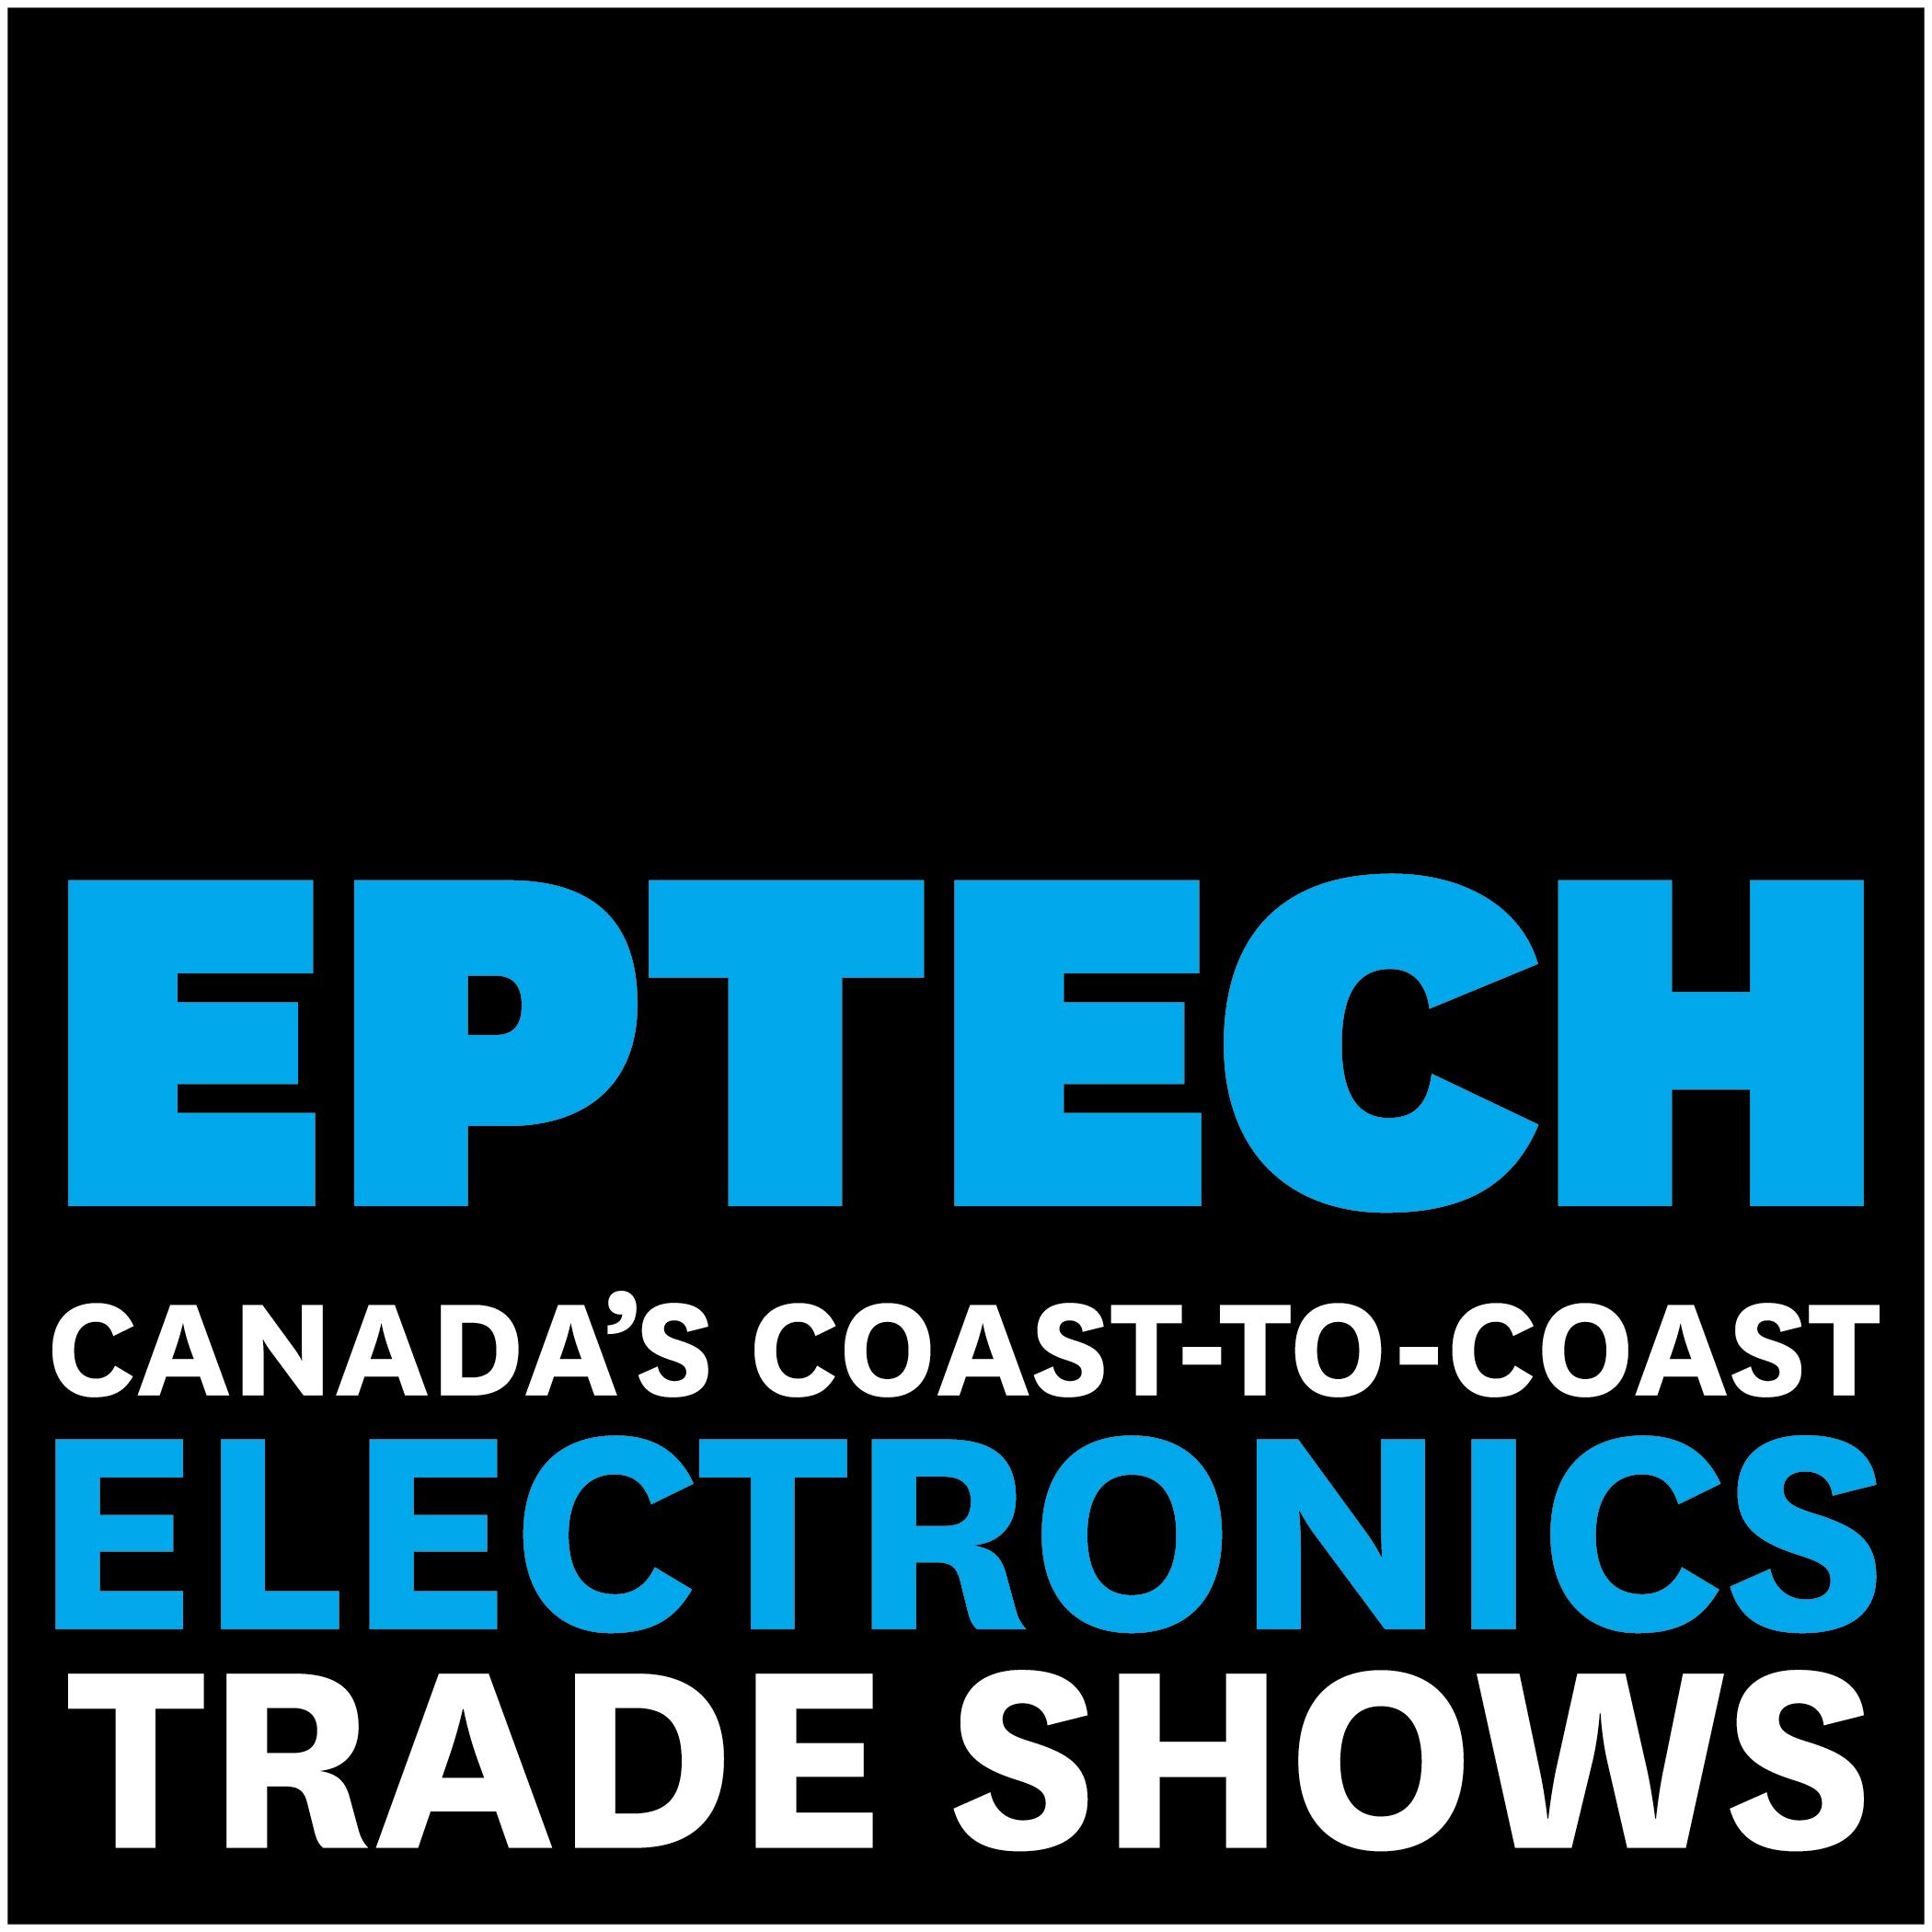 Eptech logo